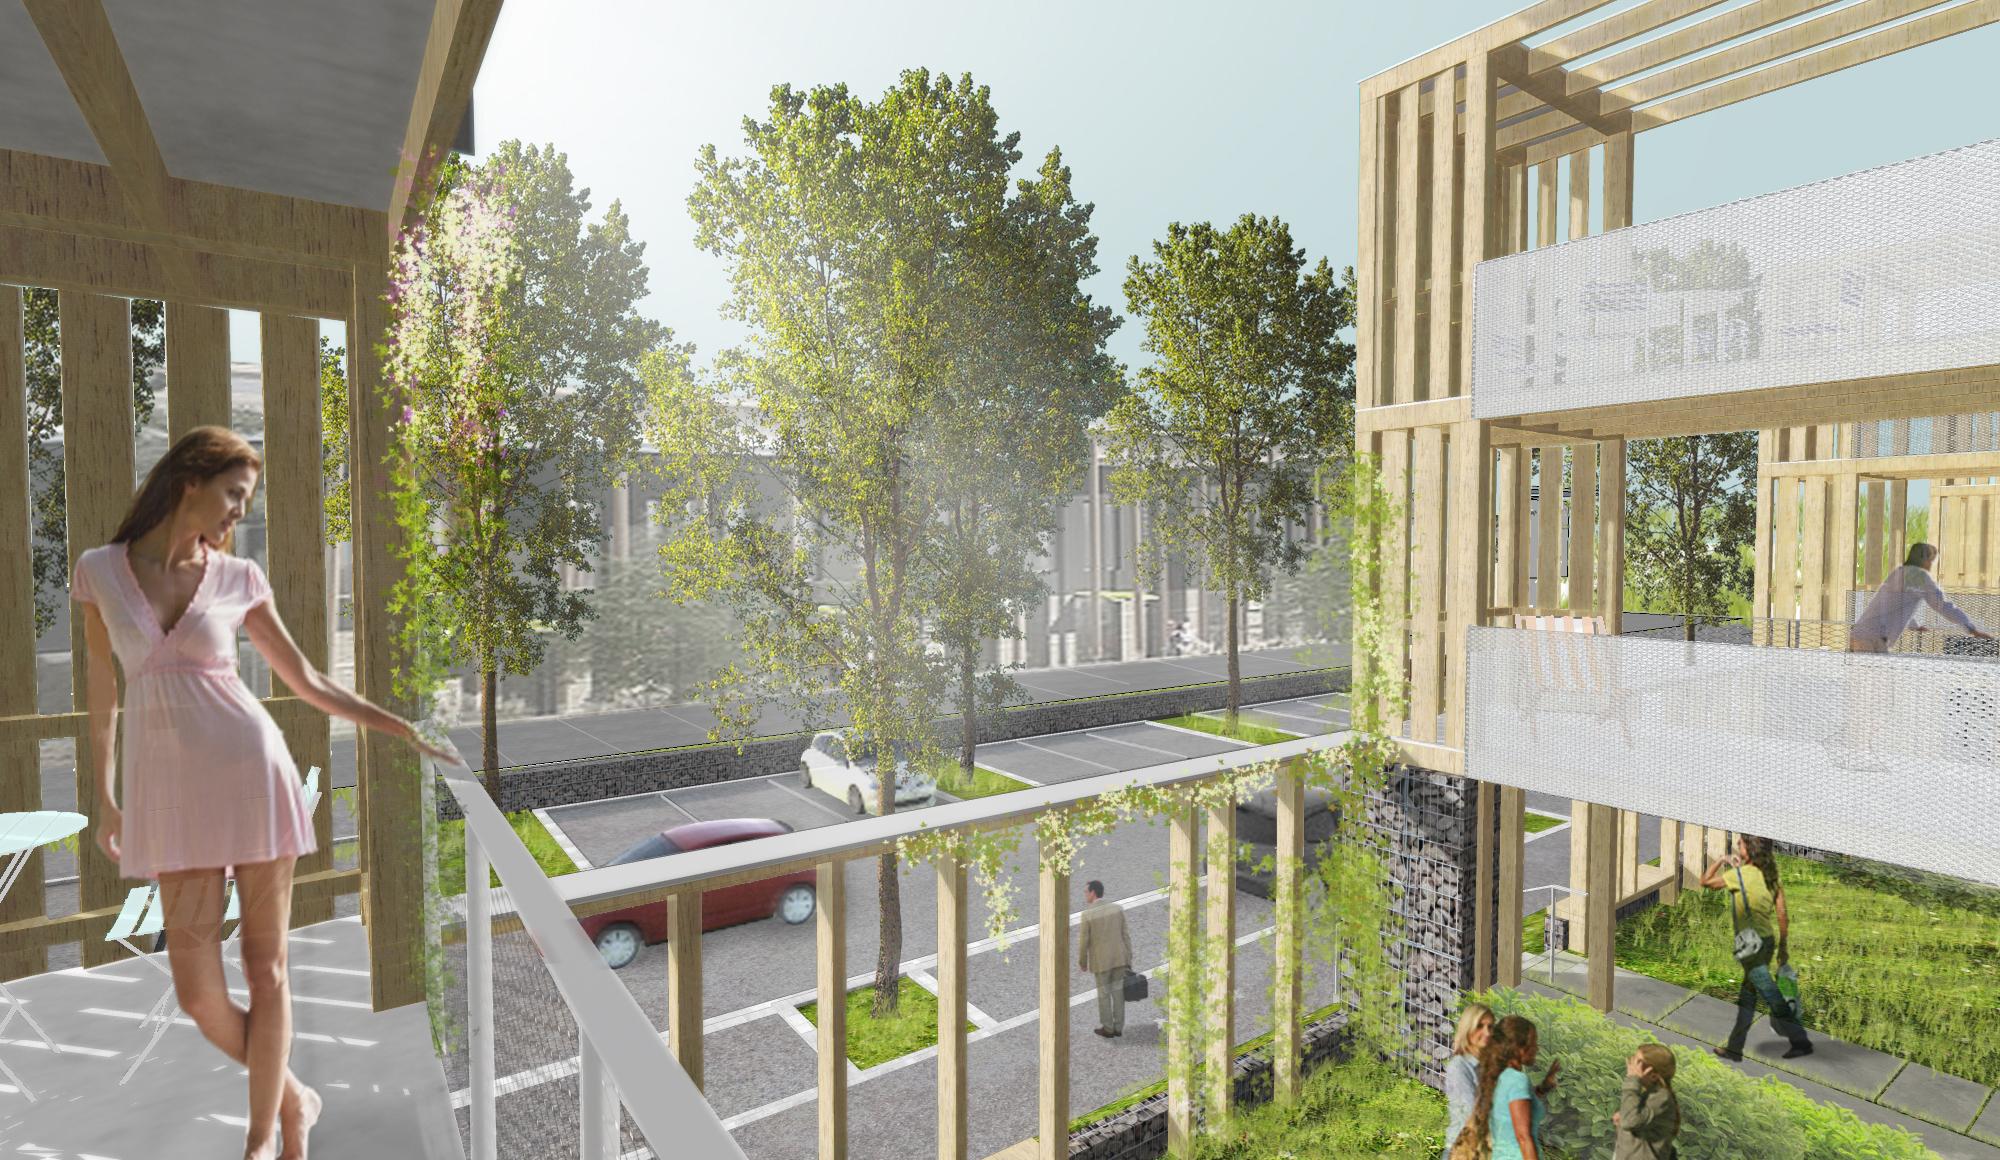 28 logements en accession sociale obernai ixo architecture for Maison accession sociale